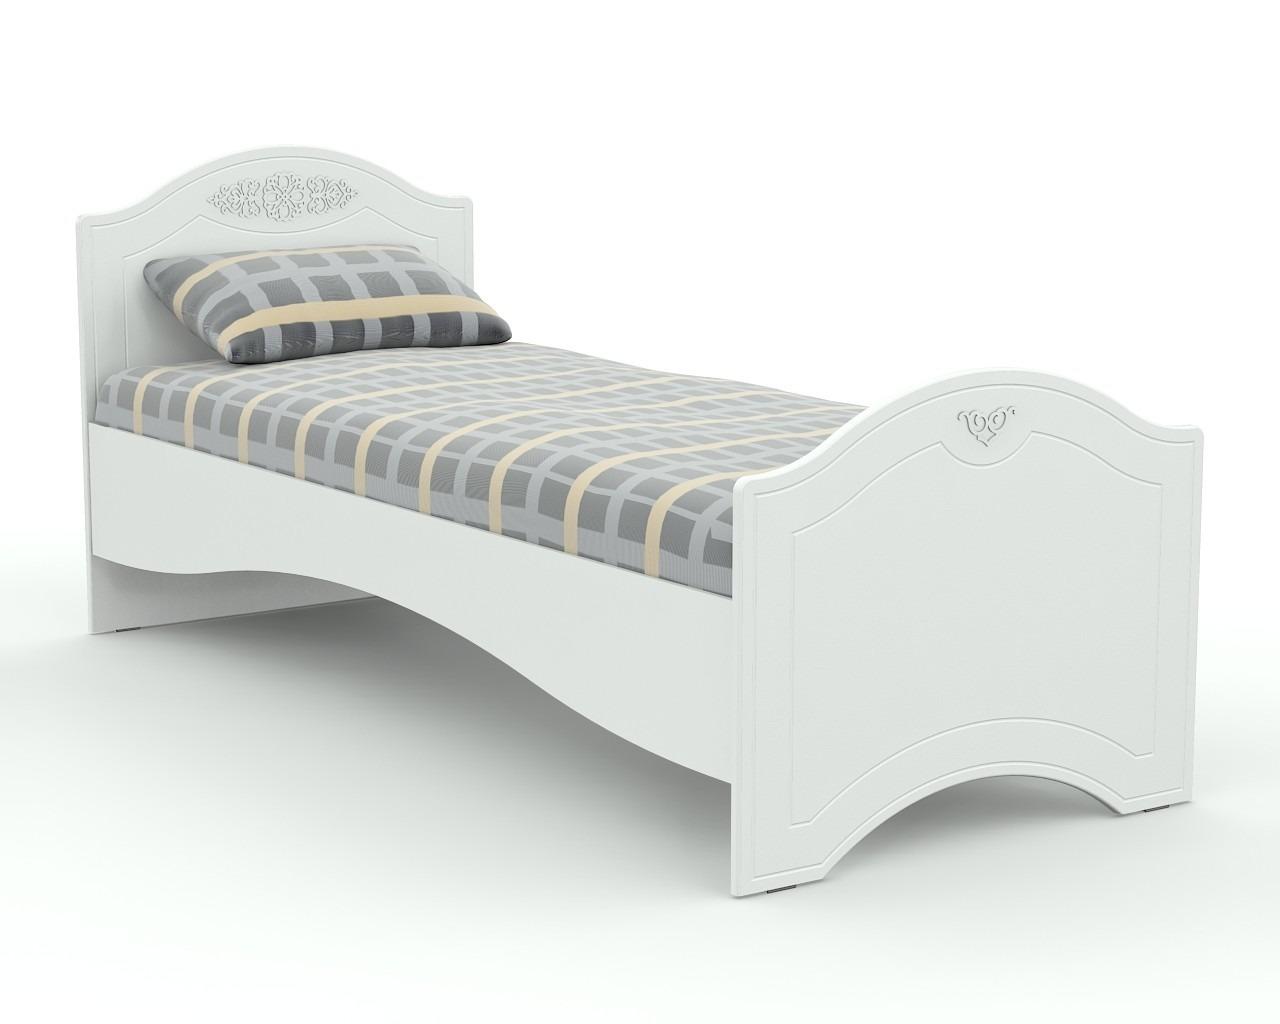 Ассоль кровать АС-09Кровати одноярусные<br><br><br>Длина мм: 854<br>Высота мм: 900<br>Глубина мм: 2042